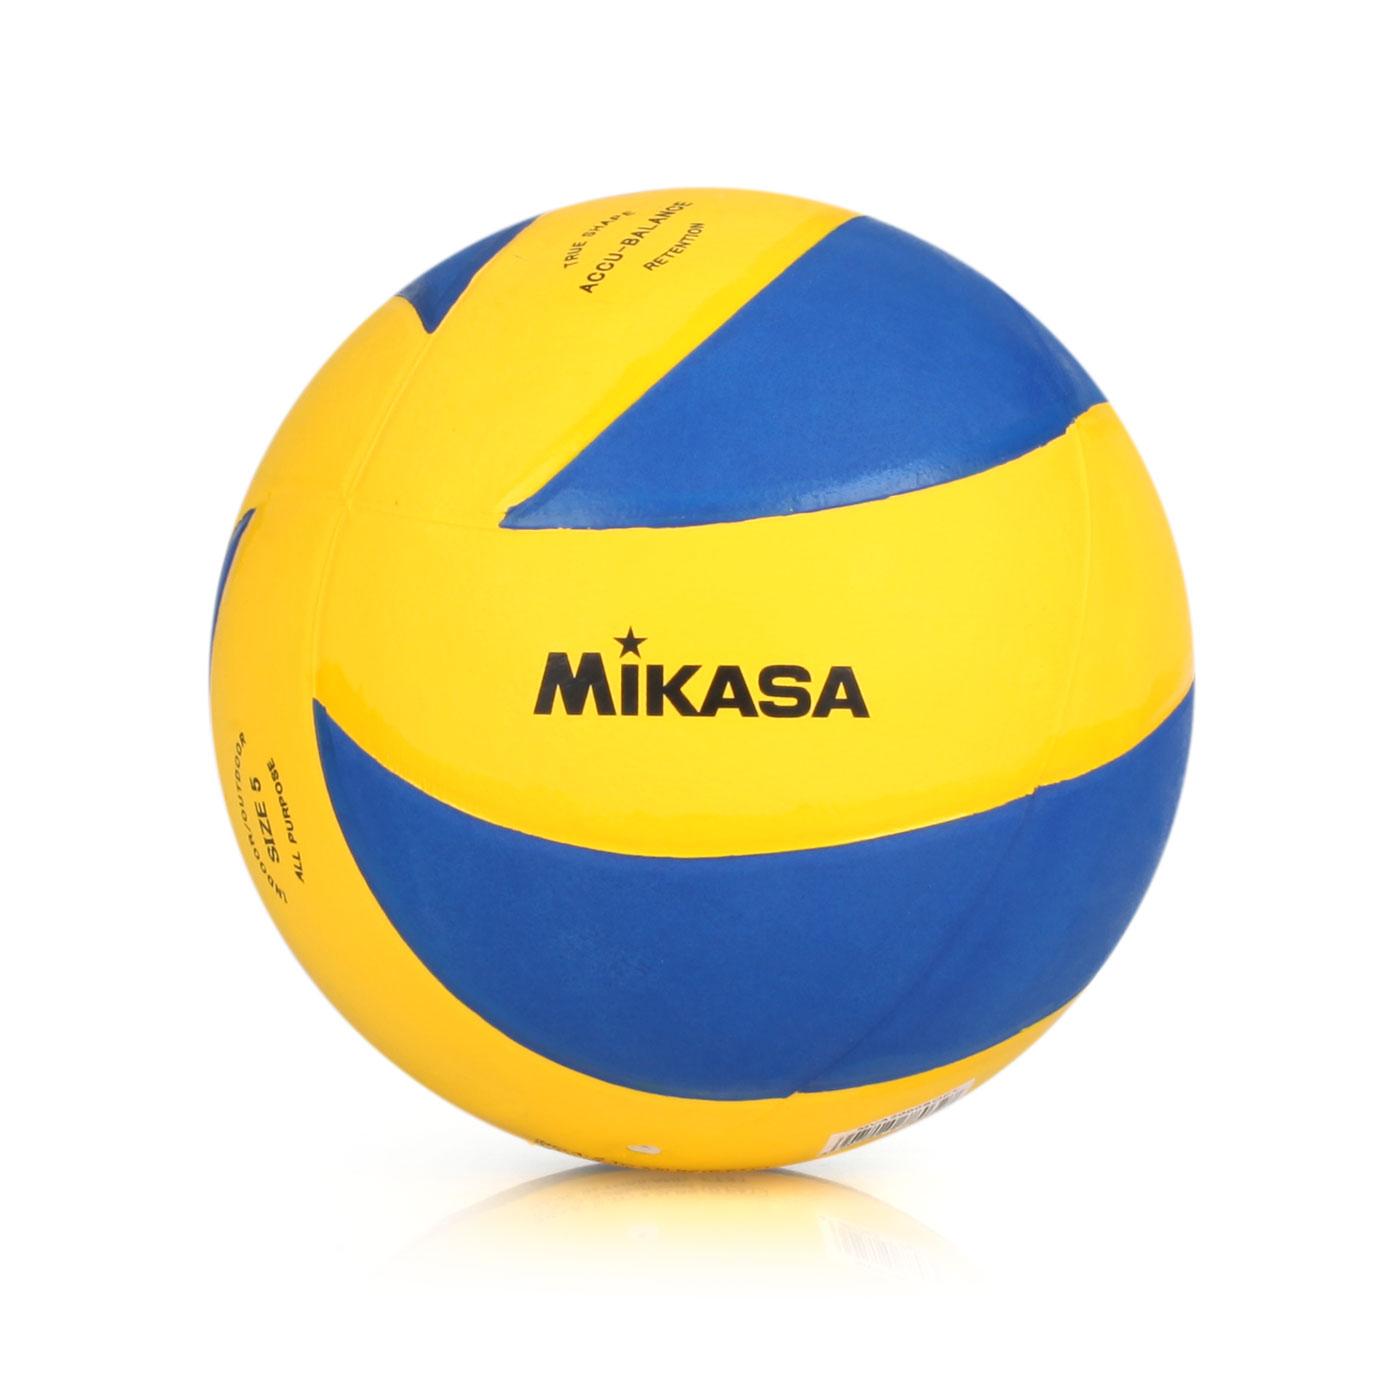 MIKASA 旋風型軟橡膠排球 MVA2000SOFT - 藍黃